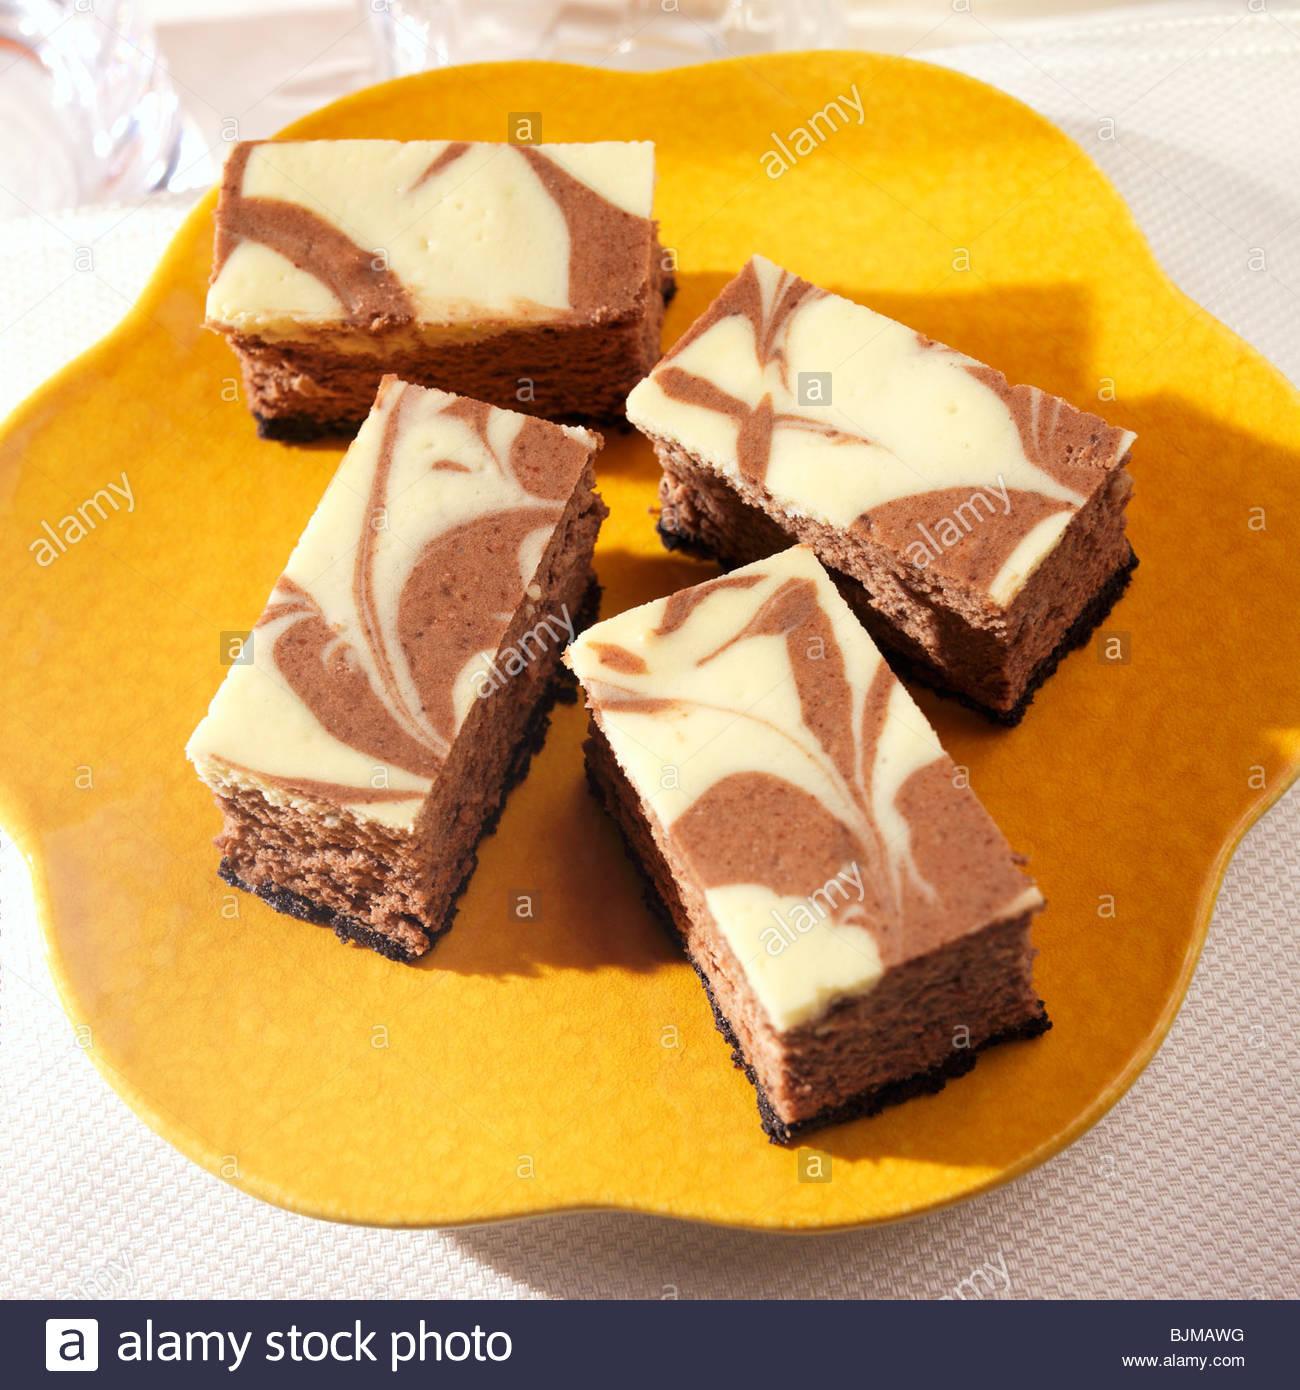 Chocolate Vanilla Swirl Cheesecake Bars Stock Photo, Royalty Free ...